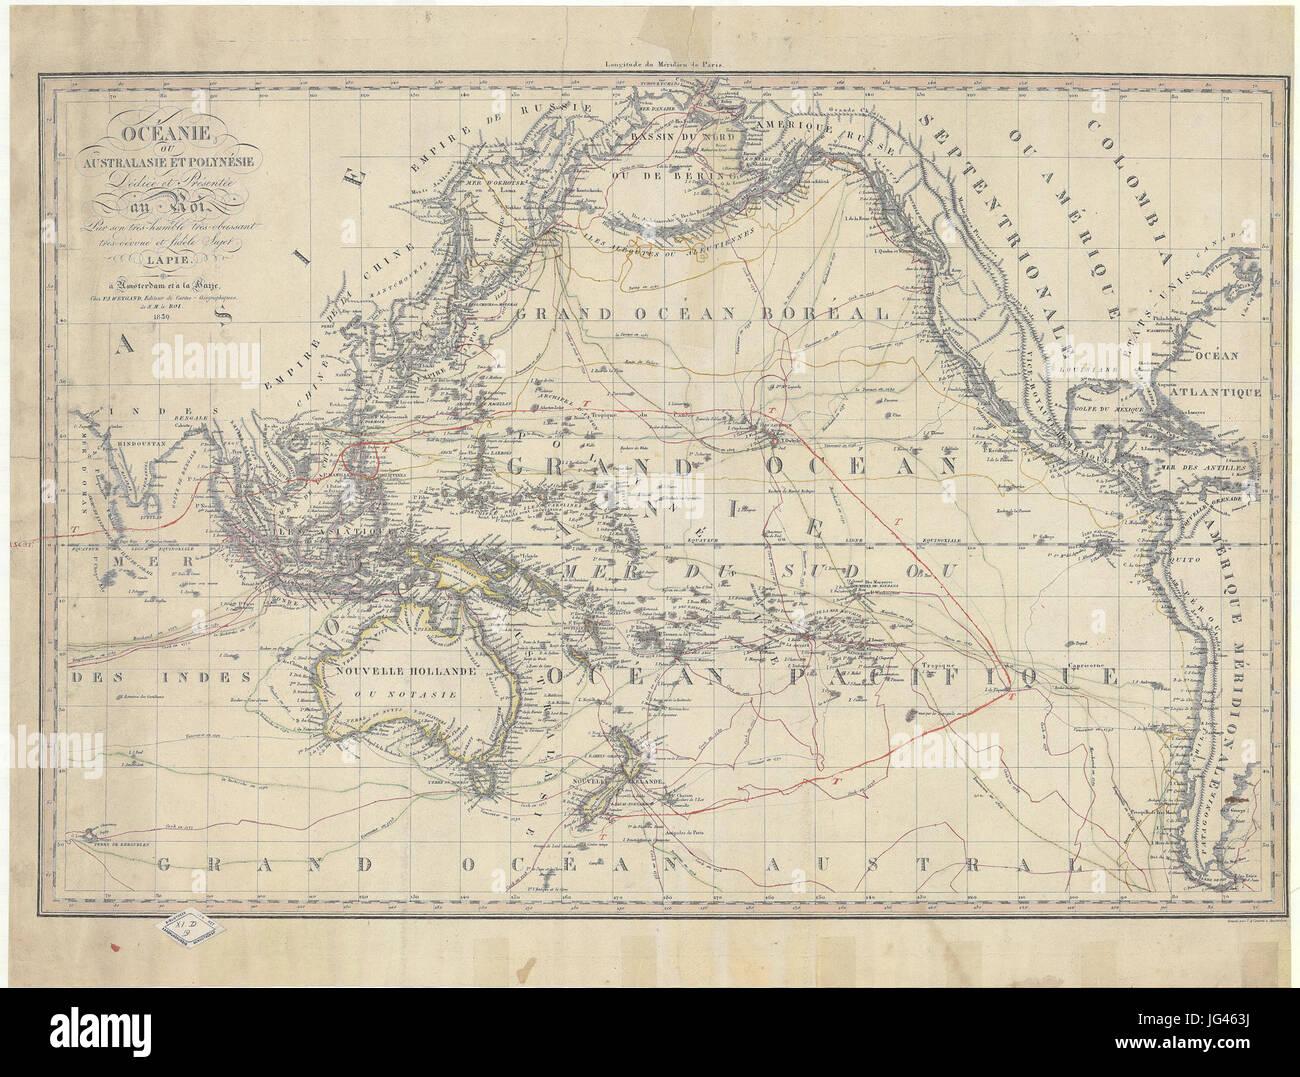 Oceanie ou Australasie et Polynesie - -par- Lapie - gravée par J.A. Caneria à Amsterdam - UvA-BC OTM HB - Stock Image